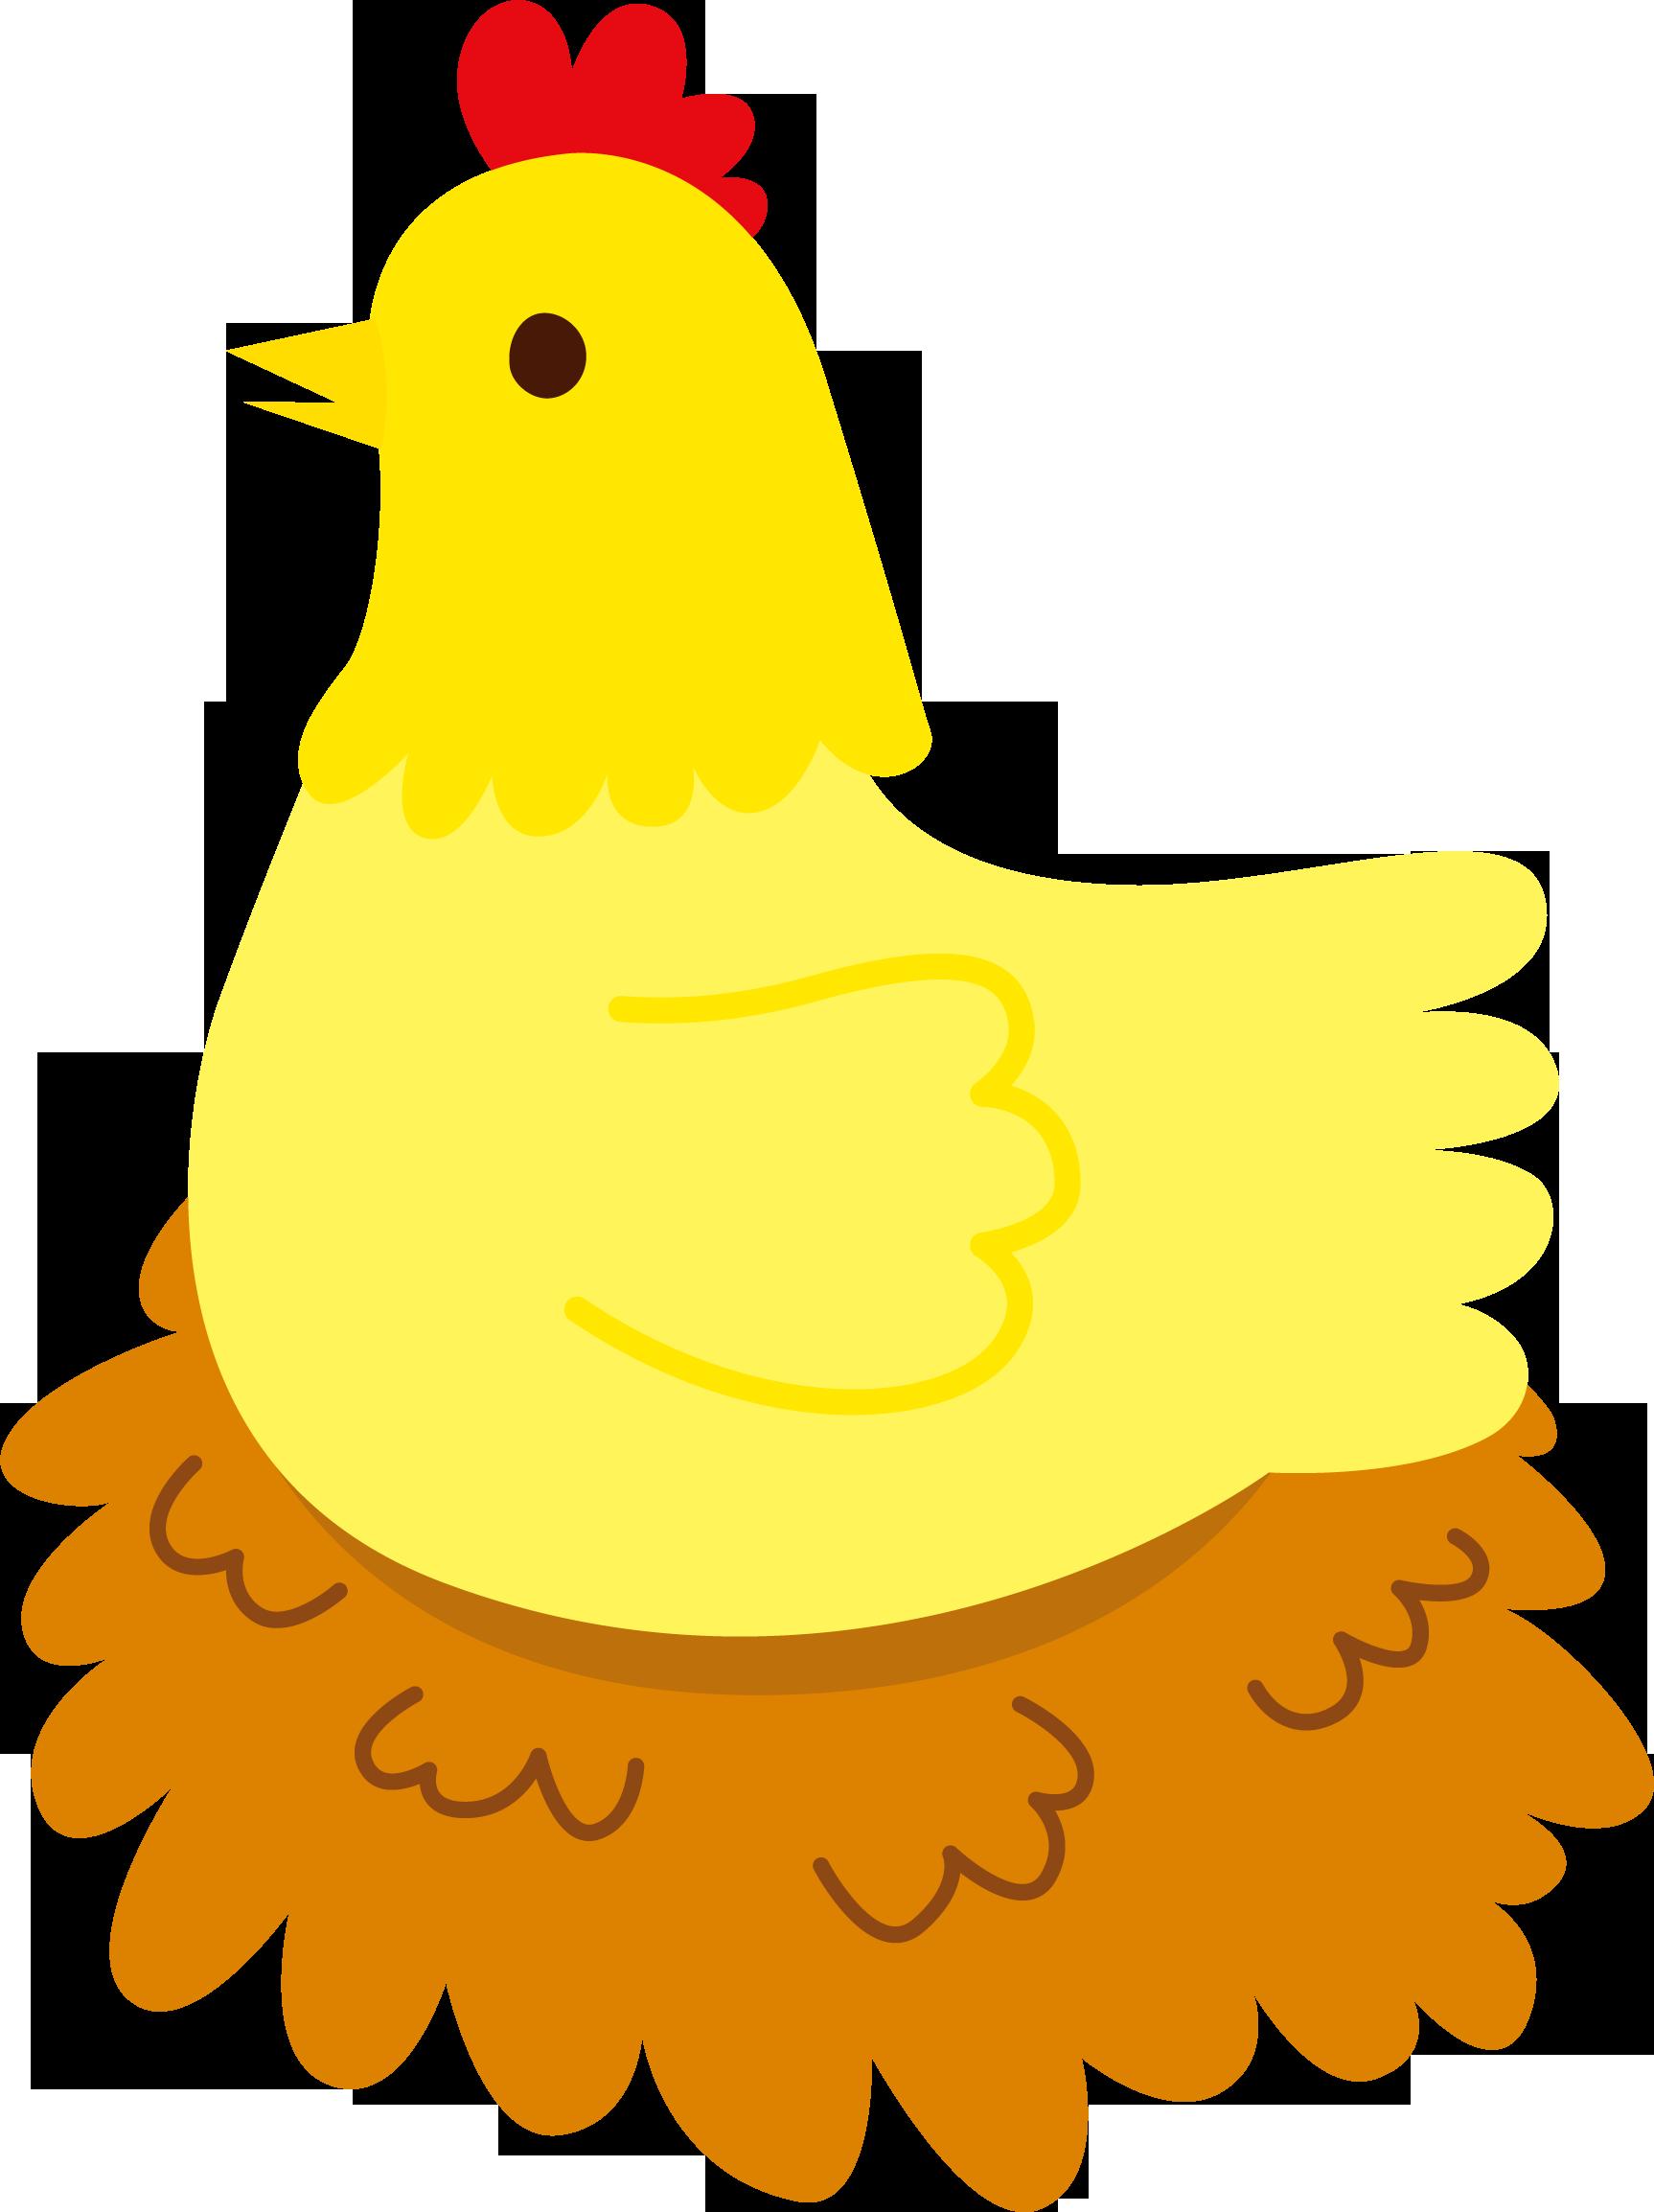 Pin Kimberly-frances Clipart- Farm Granja Dibujo De Animales La